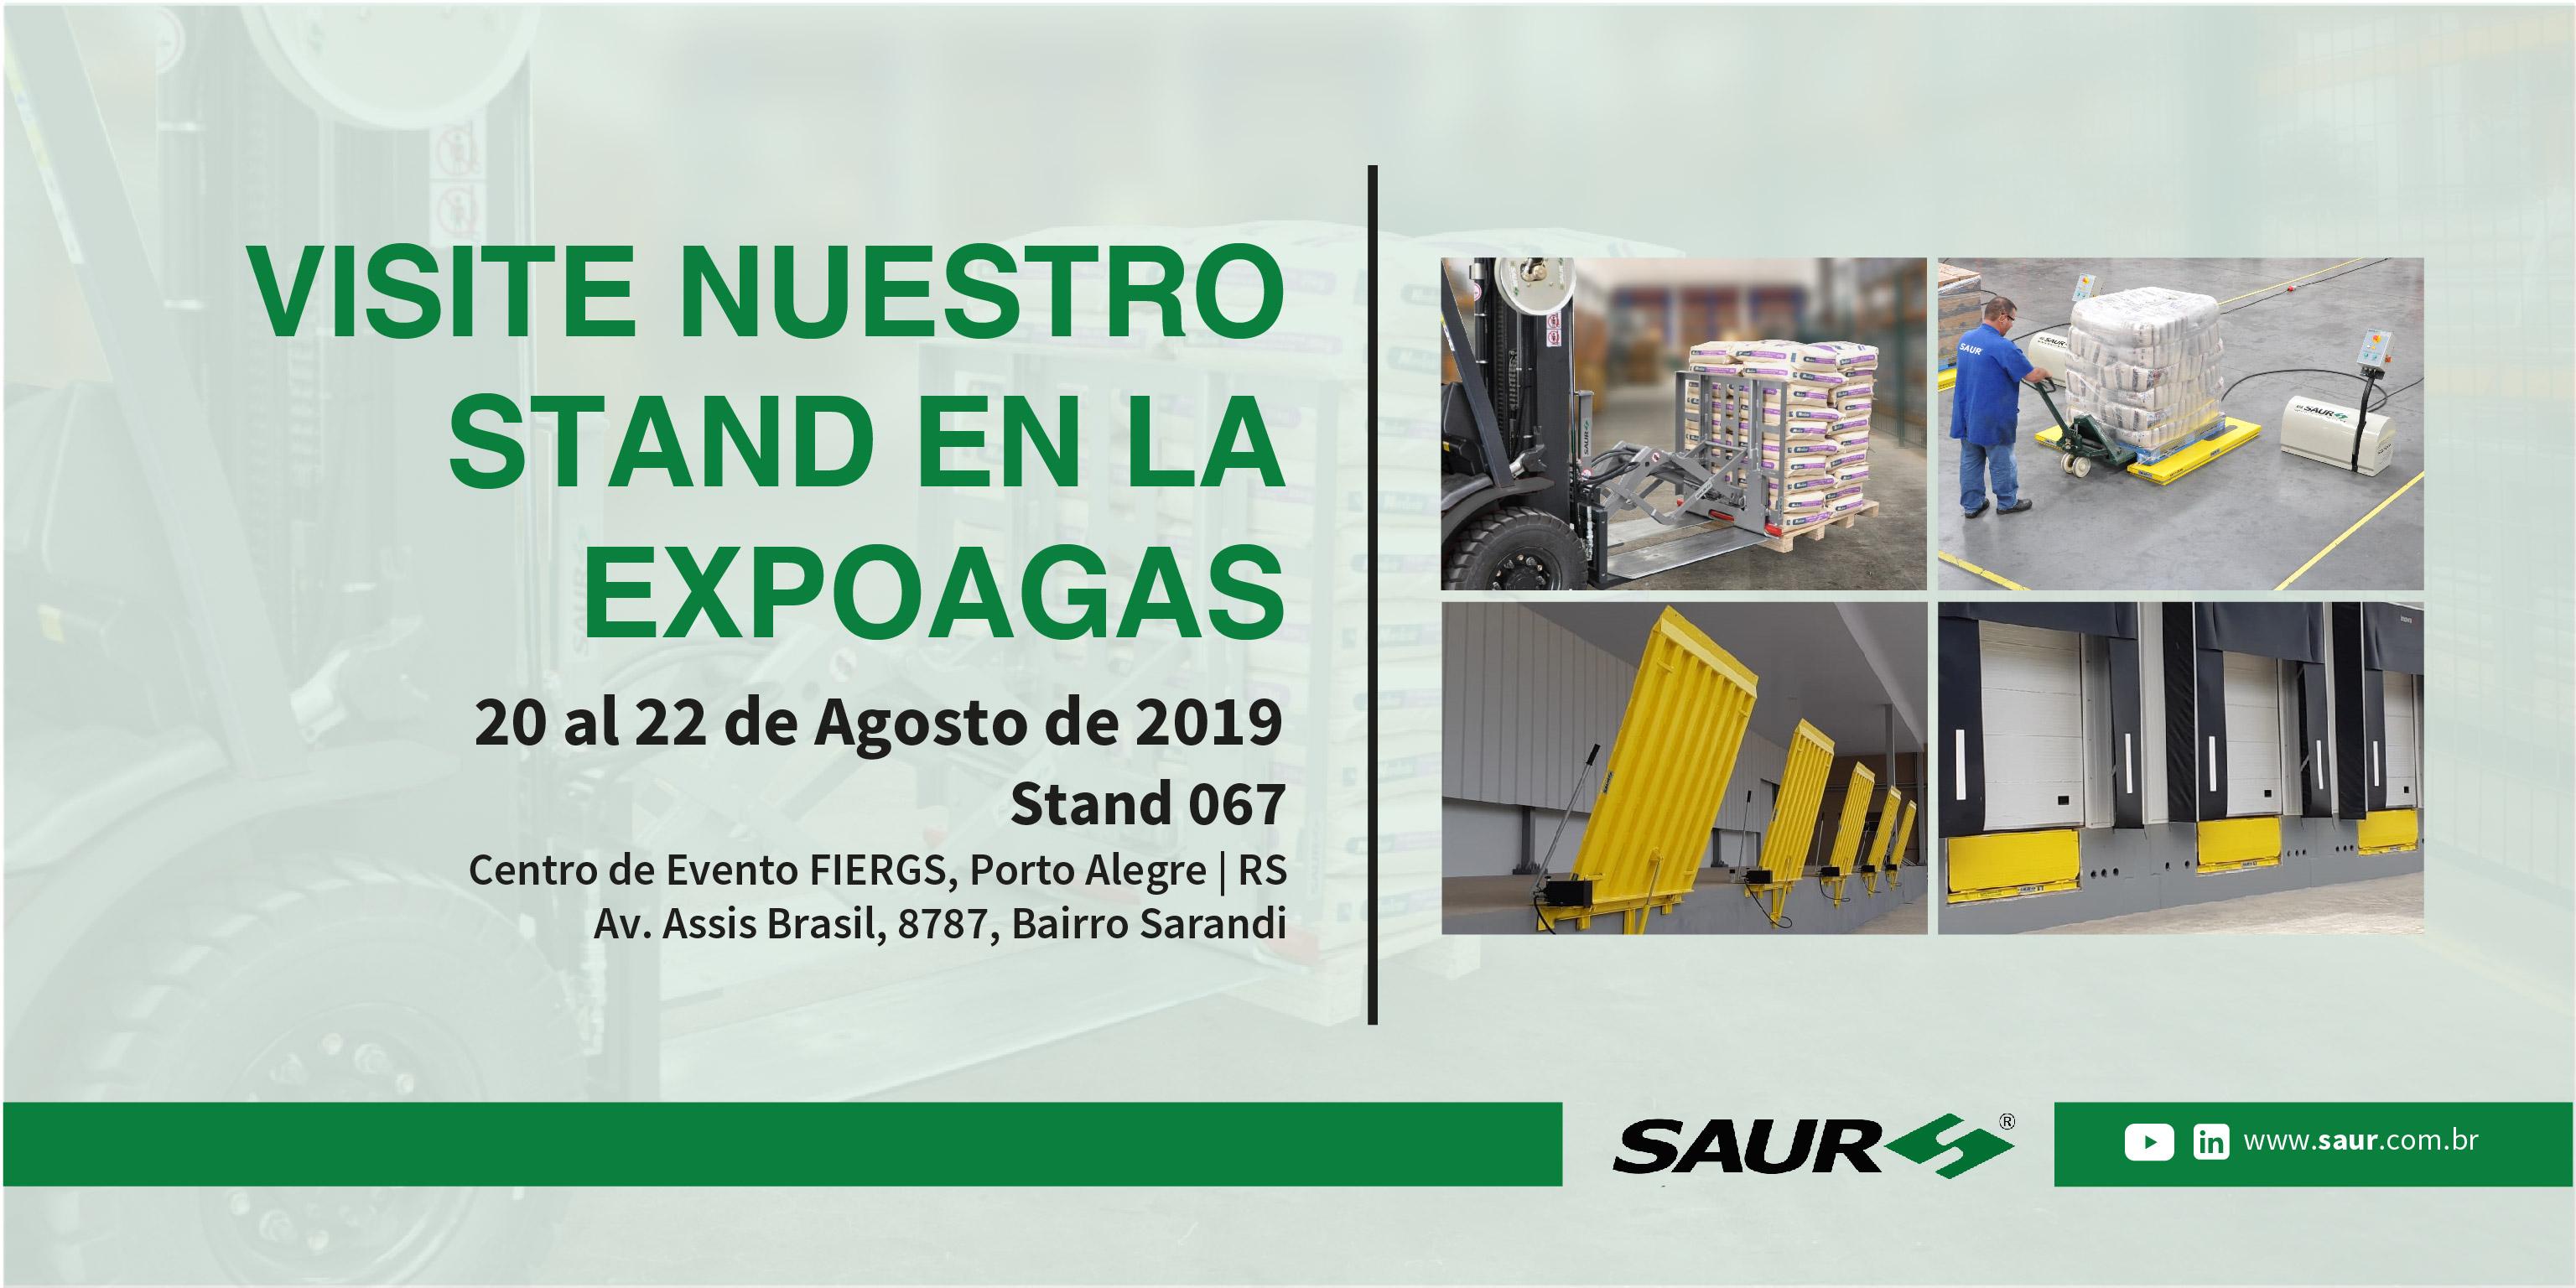 VISITE NUESTRO STAND EN LA EXPOAGAS 2019